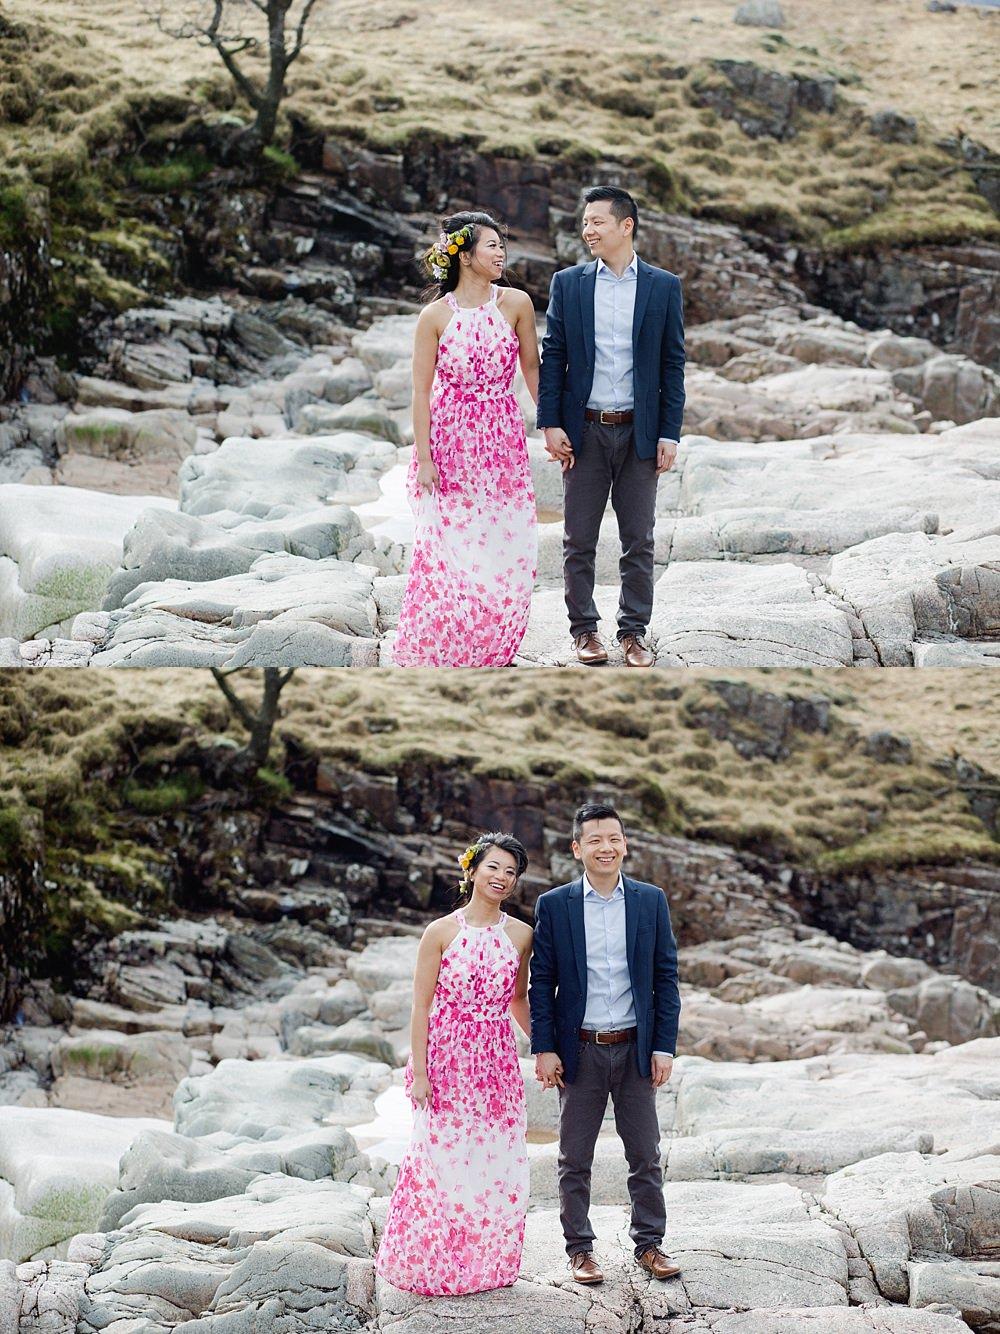 Glencoe,The Gibsons,engagement photographers scotland,fine art photographers scotland,romantic engagement shoot scotland,scotland,shoot glen etive,styled engagement shoot,